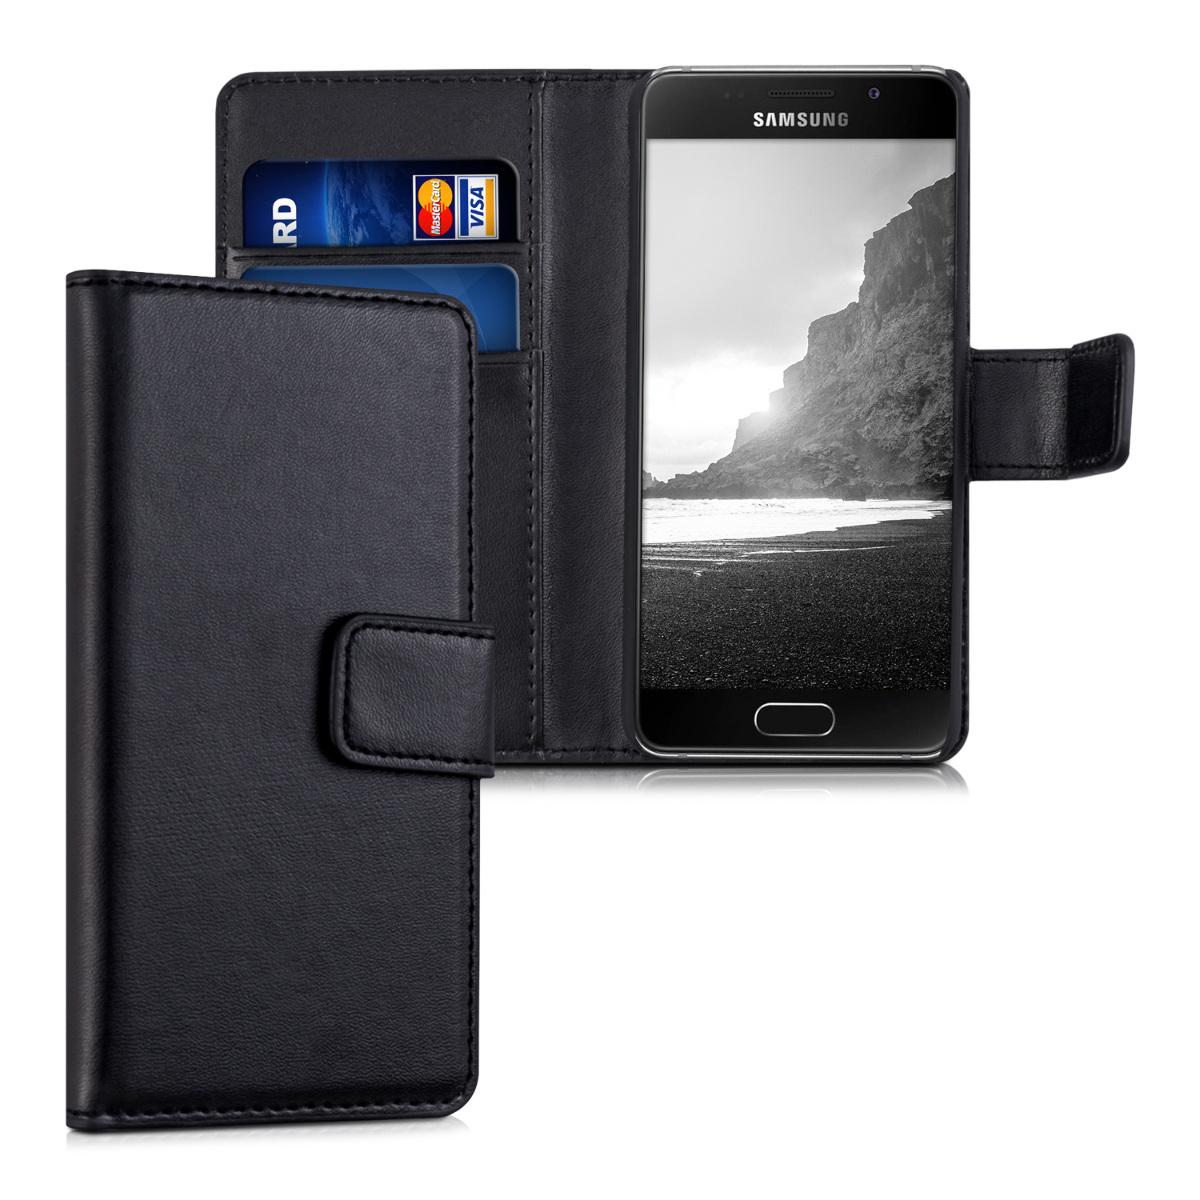 KW Θήκη - Πορτοφόλι  Samsung Galaxy A3 2016 - Black (36068.01)